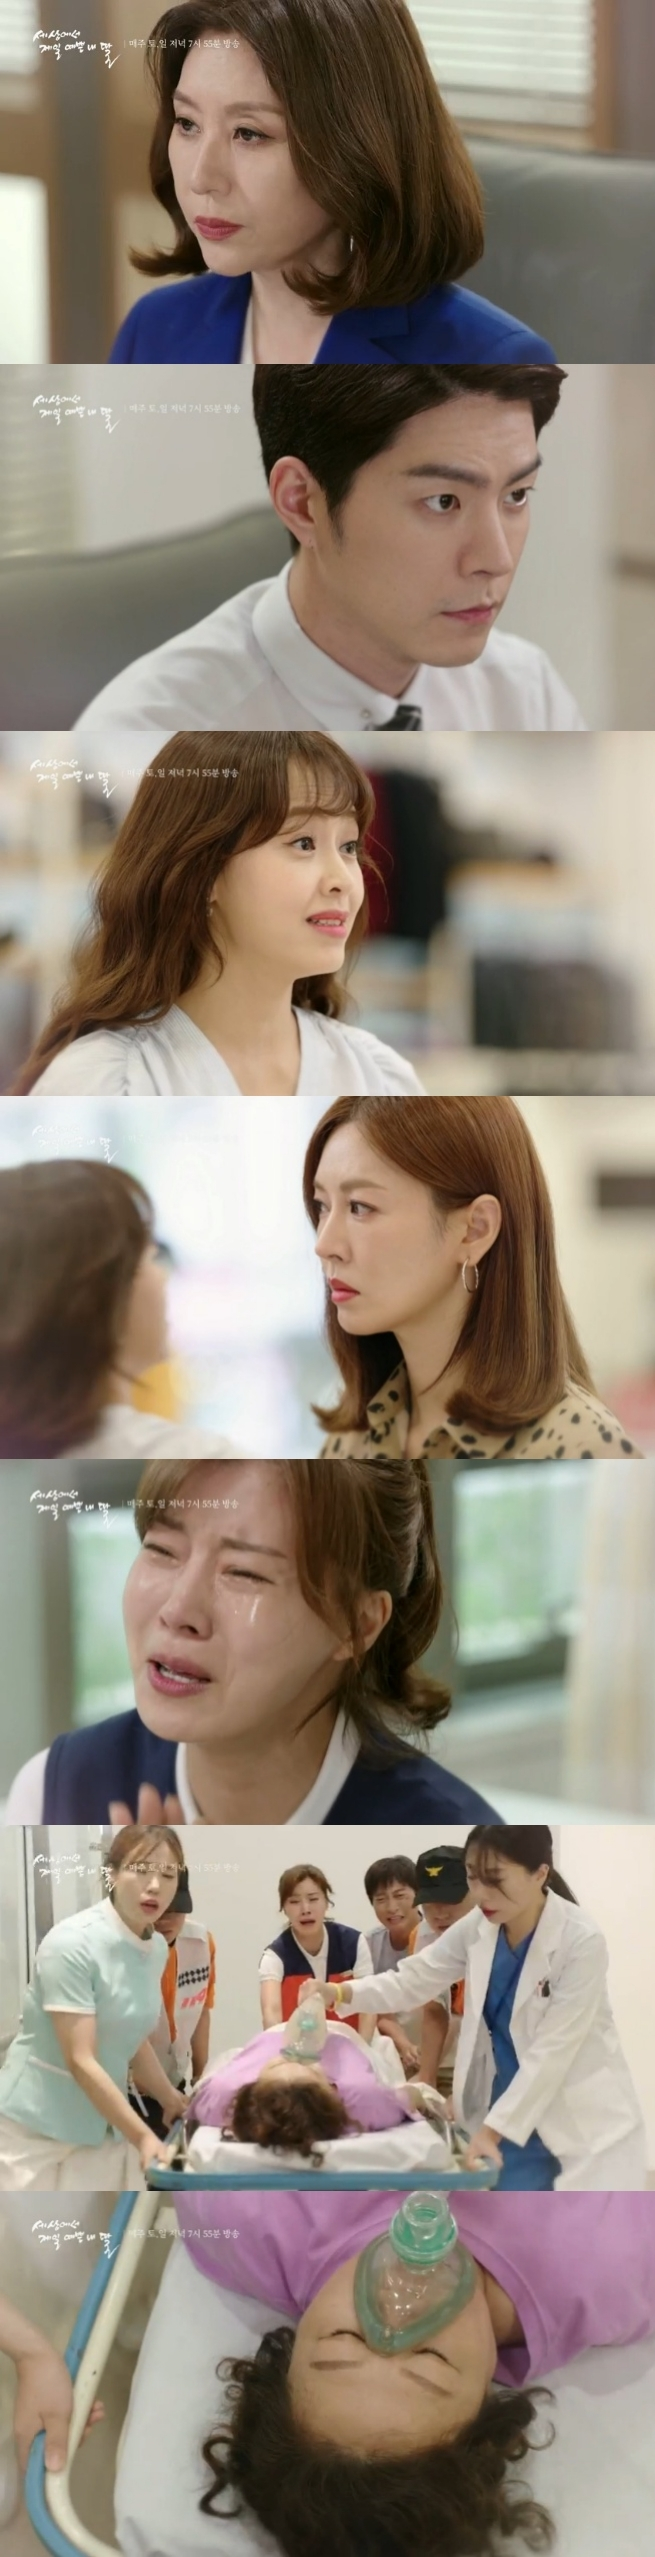 7일 오후 방송되는 KBS2TV 주말드라마 '세상에서 제일 예쁜 내 딸' 97~98회에는 박선자(김해숙 분)가 위독해져서 응급실로 실려 가는 가운데 전인숙(최명길 분)은 한태주(홍종현 분)에게 그룹 회장을 맡자고 설득하는 반전이 그려진다. 사진=KBS2TV '세상에서 제일 예쁜 내 딸' 97~98회 예고 영상 캡처